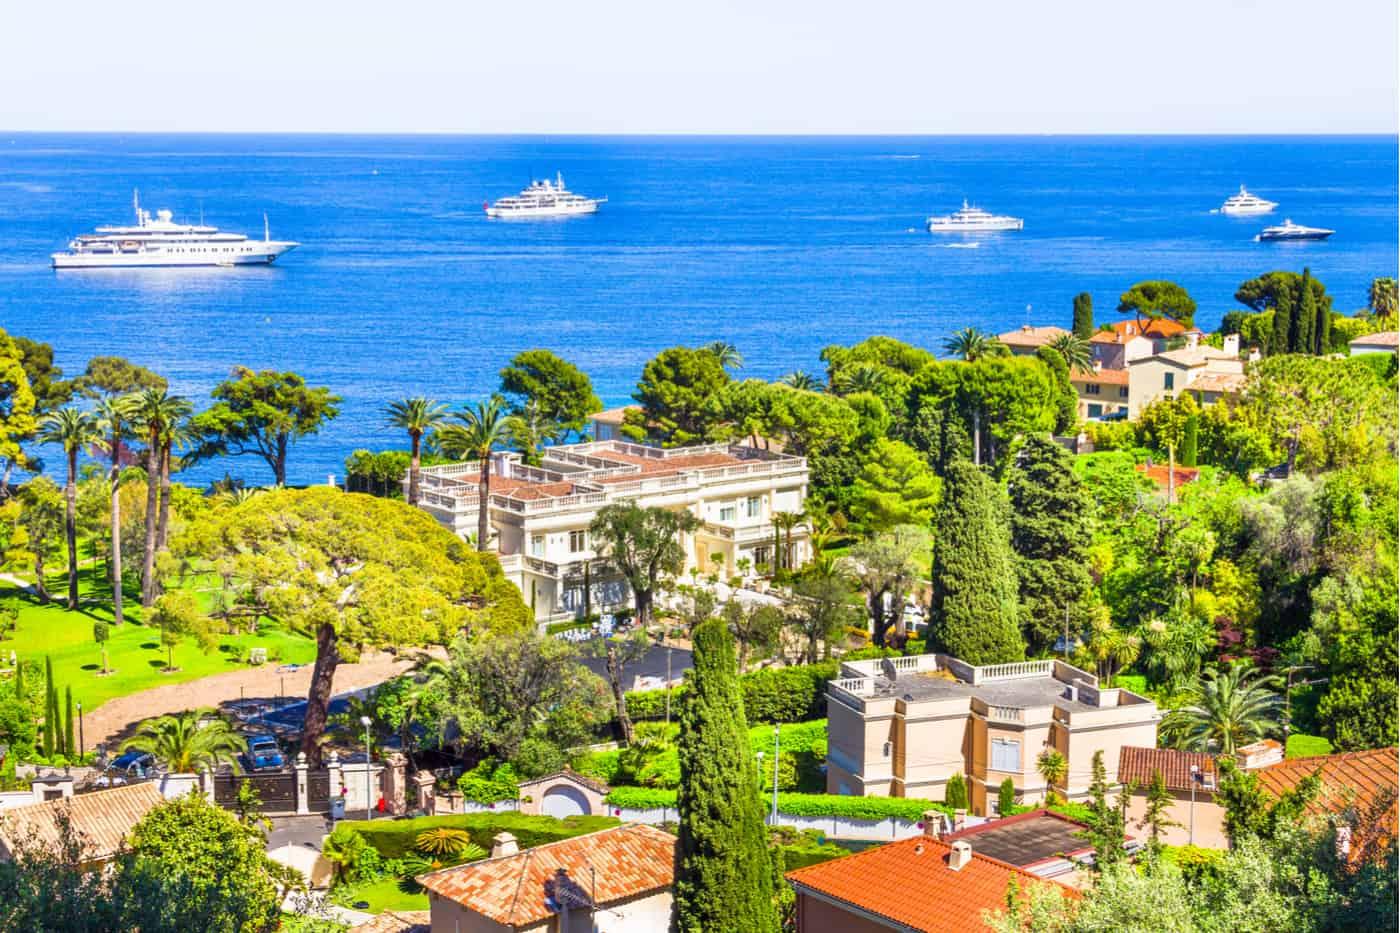 Vista aérea de Cap Ferrat, Riviera Francesa